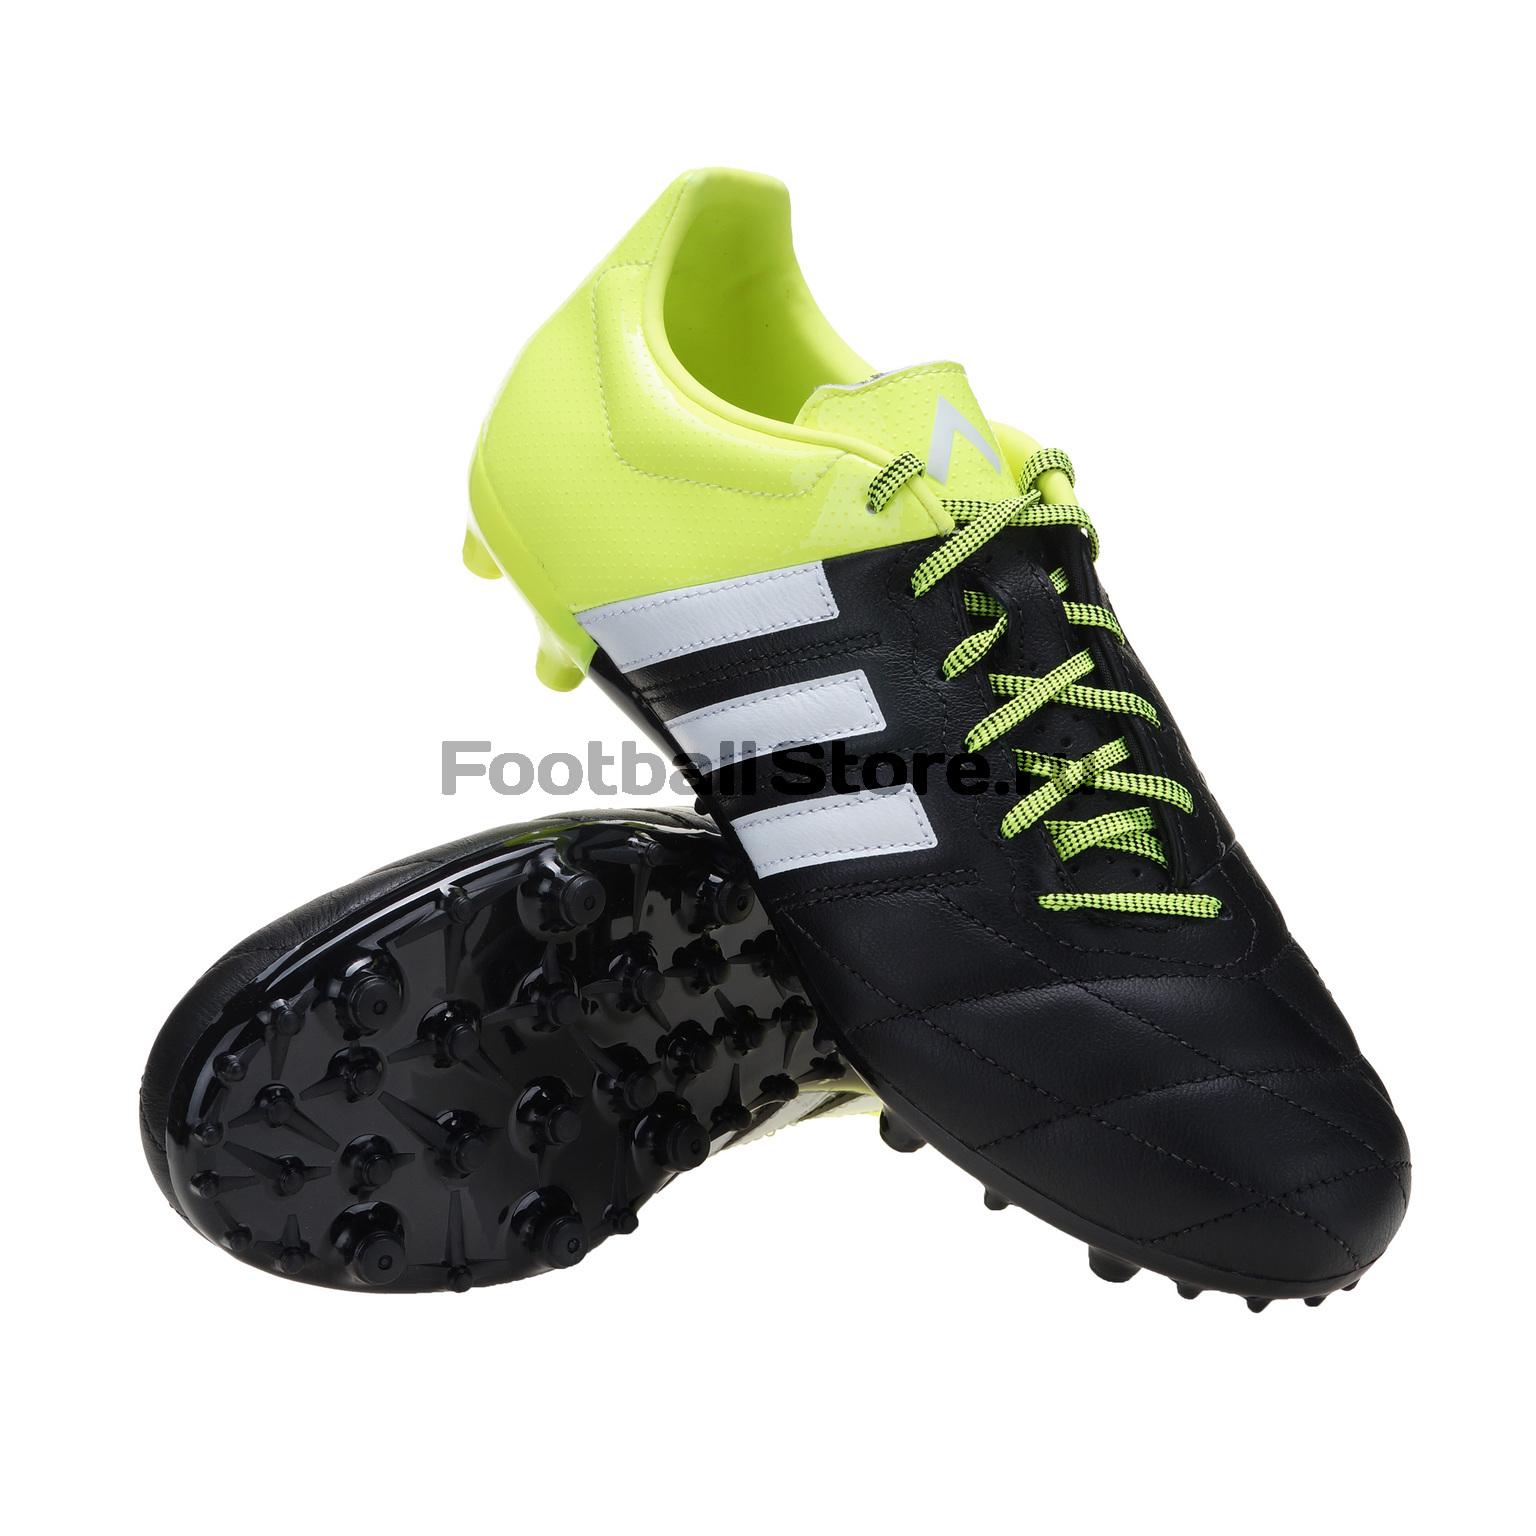 c079f1b0 Бутсы Adidas ACE 15.3 FG/AG LE B32810 – купить бутсы в интернет ...